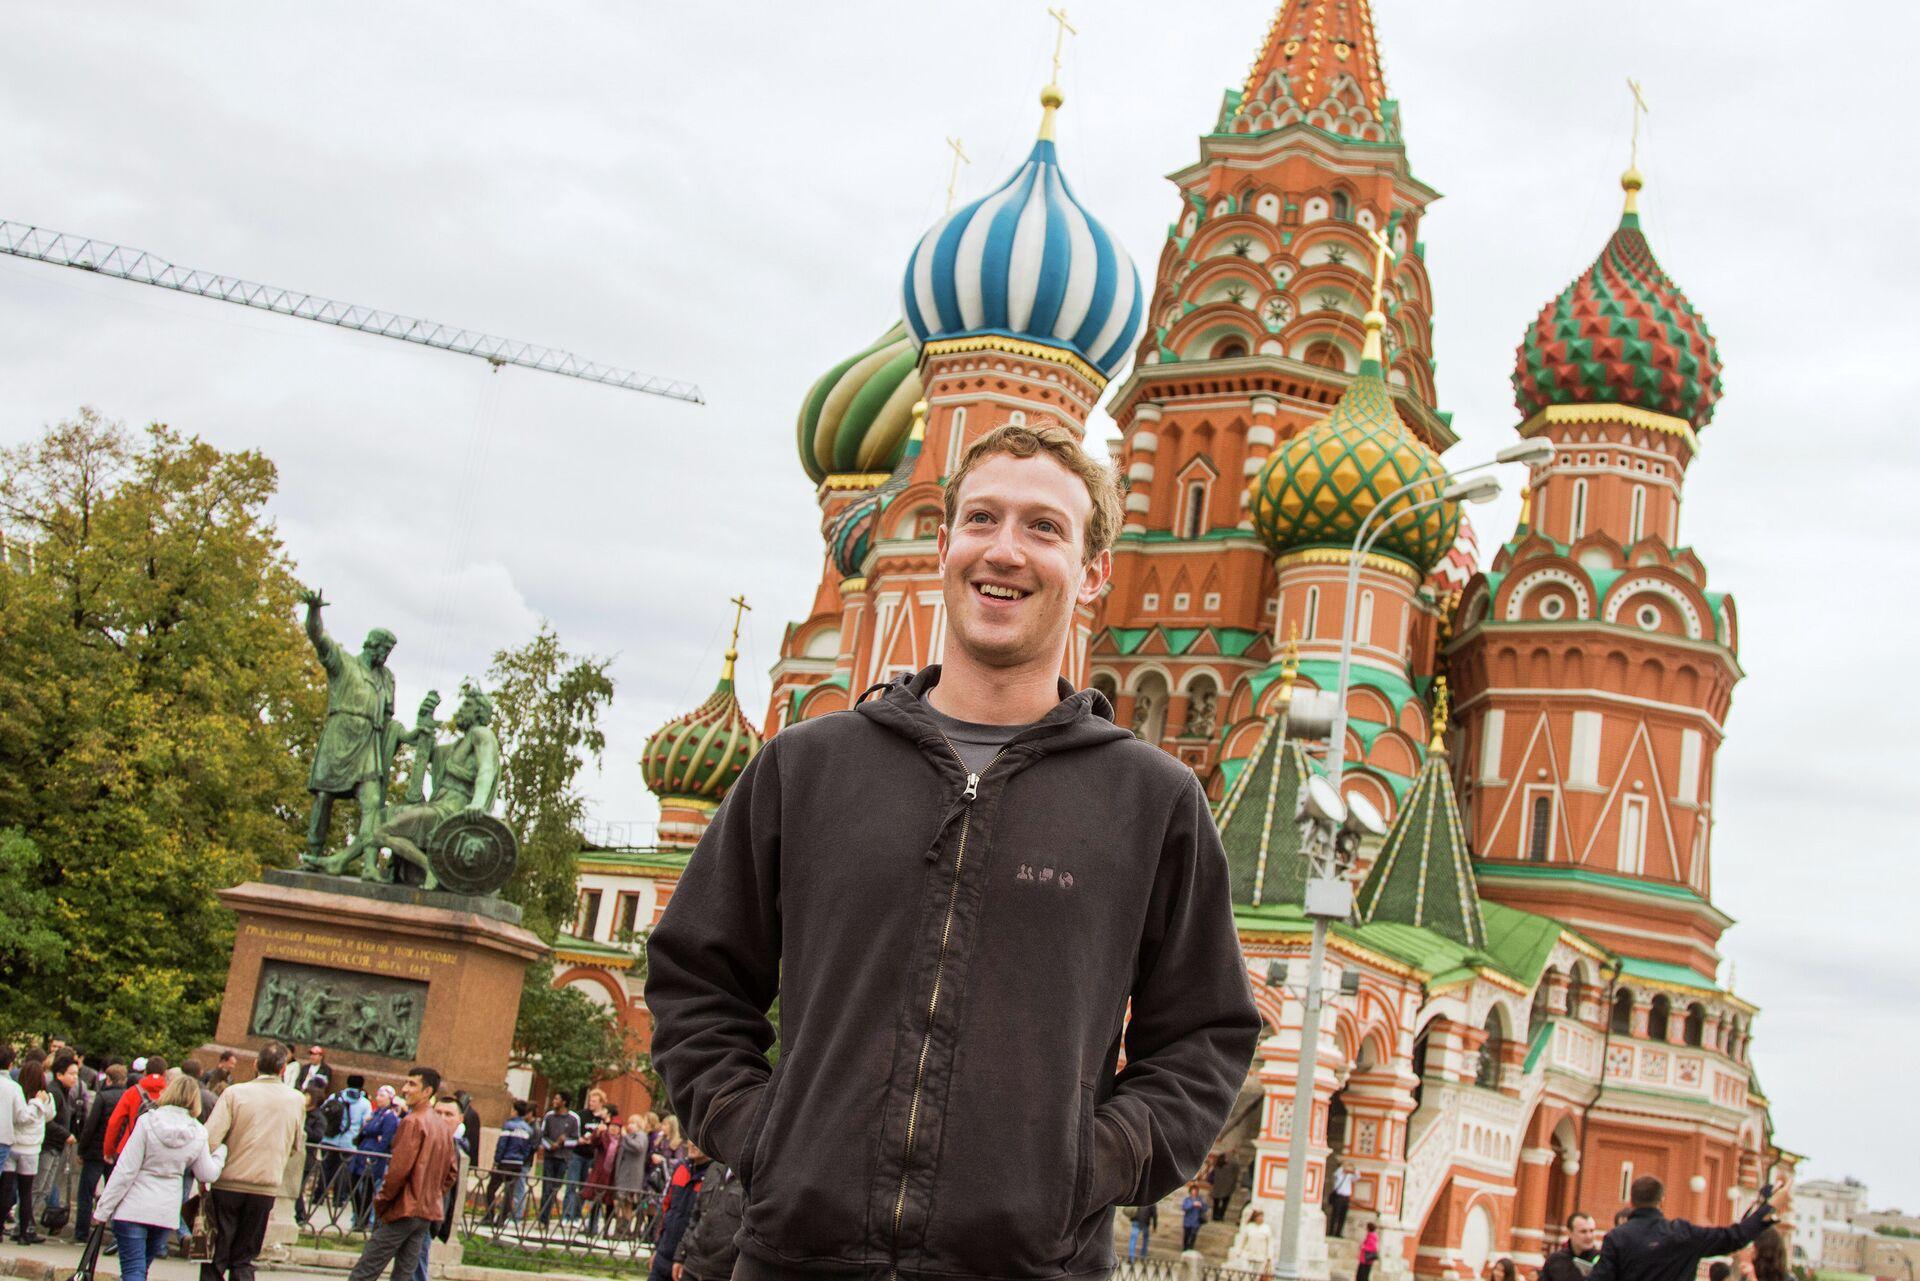 Основатель Facebook Марк Цукерберг прибыл в Москву - РИА Новости, 1920, 12.05.2021